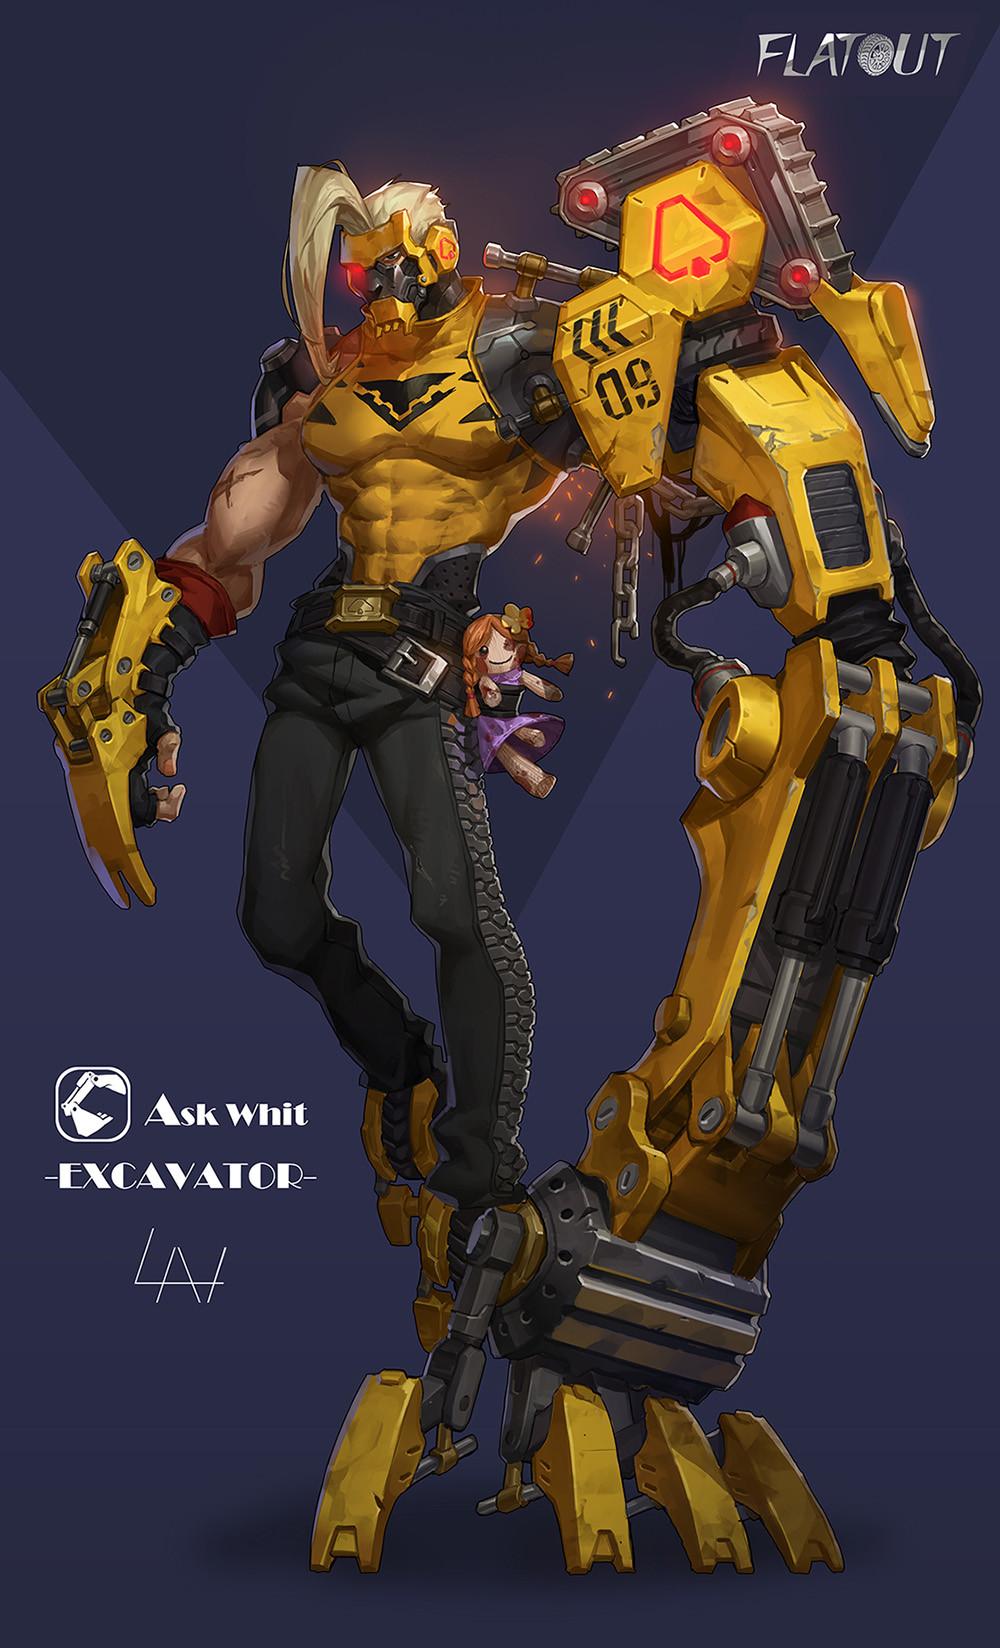 Yuan lan excavator fallout10